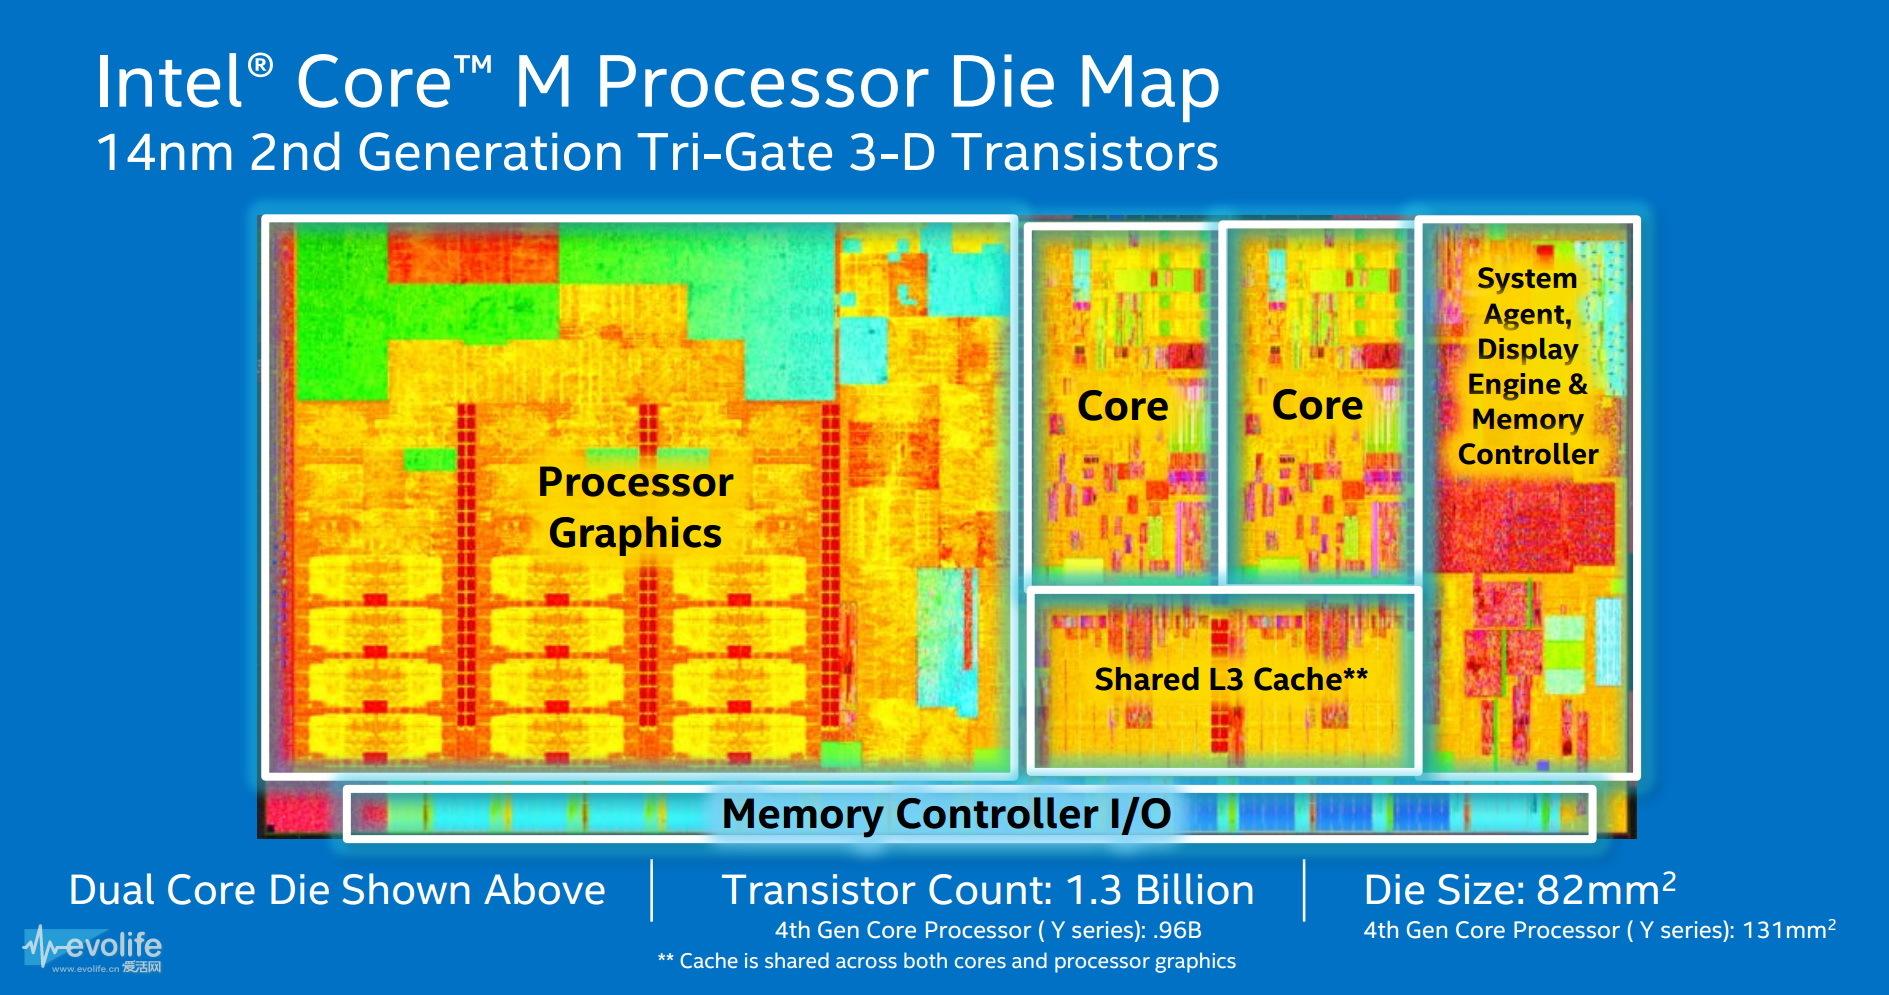 4.5瓦暴打55瓦 英特尔14纳米Core M处理器简直是黑科技_爱活网 Evolife.cn